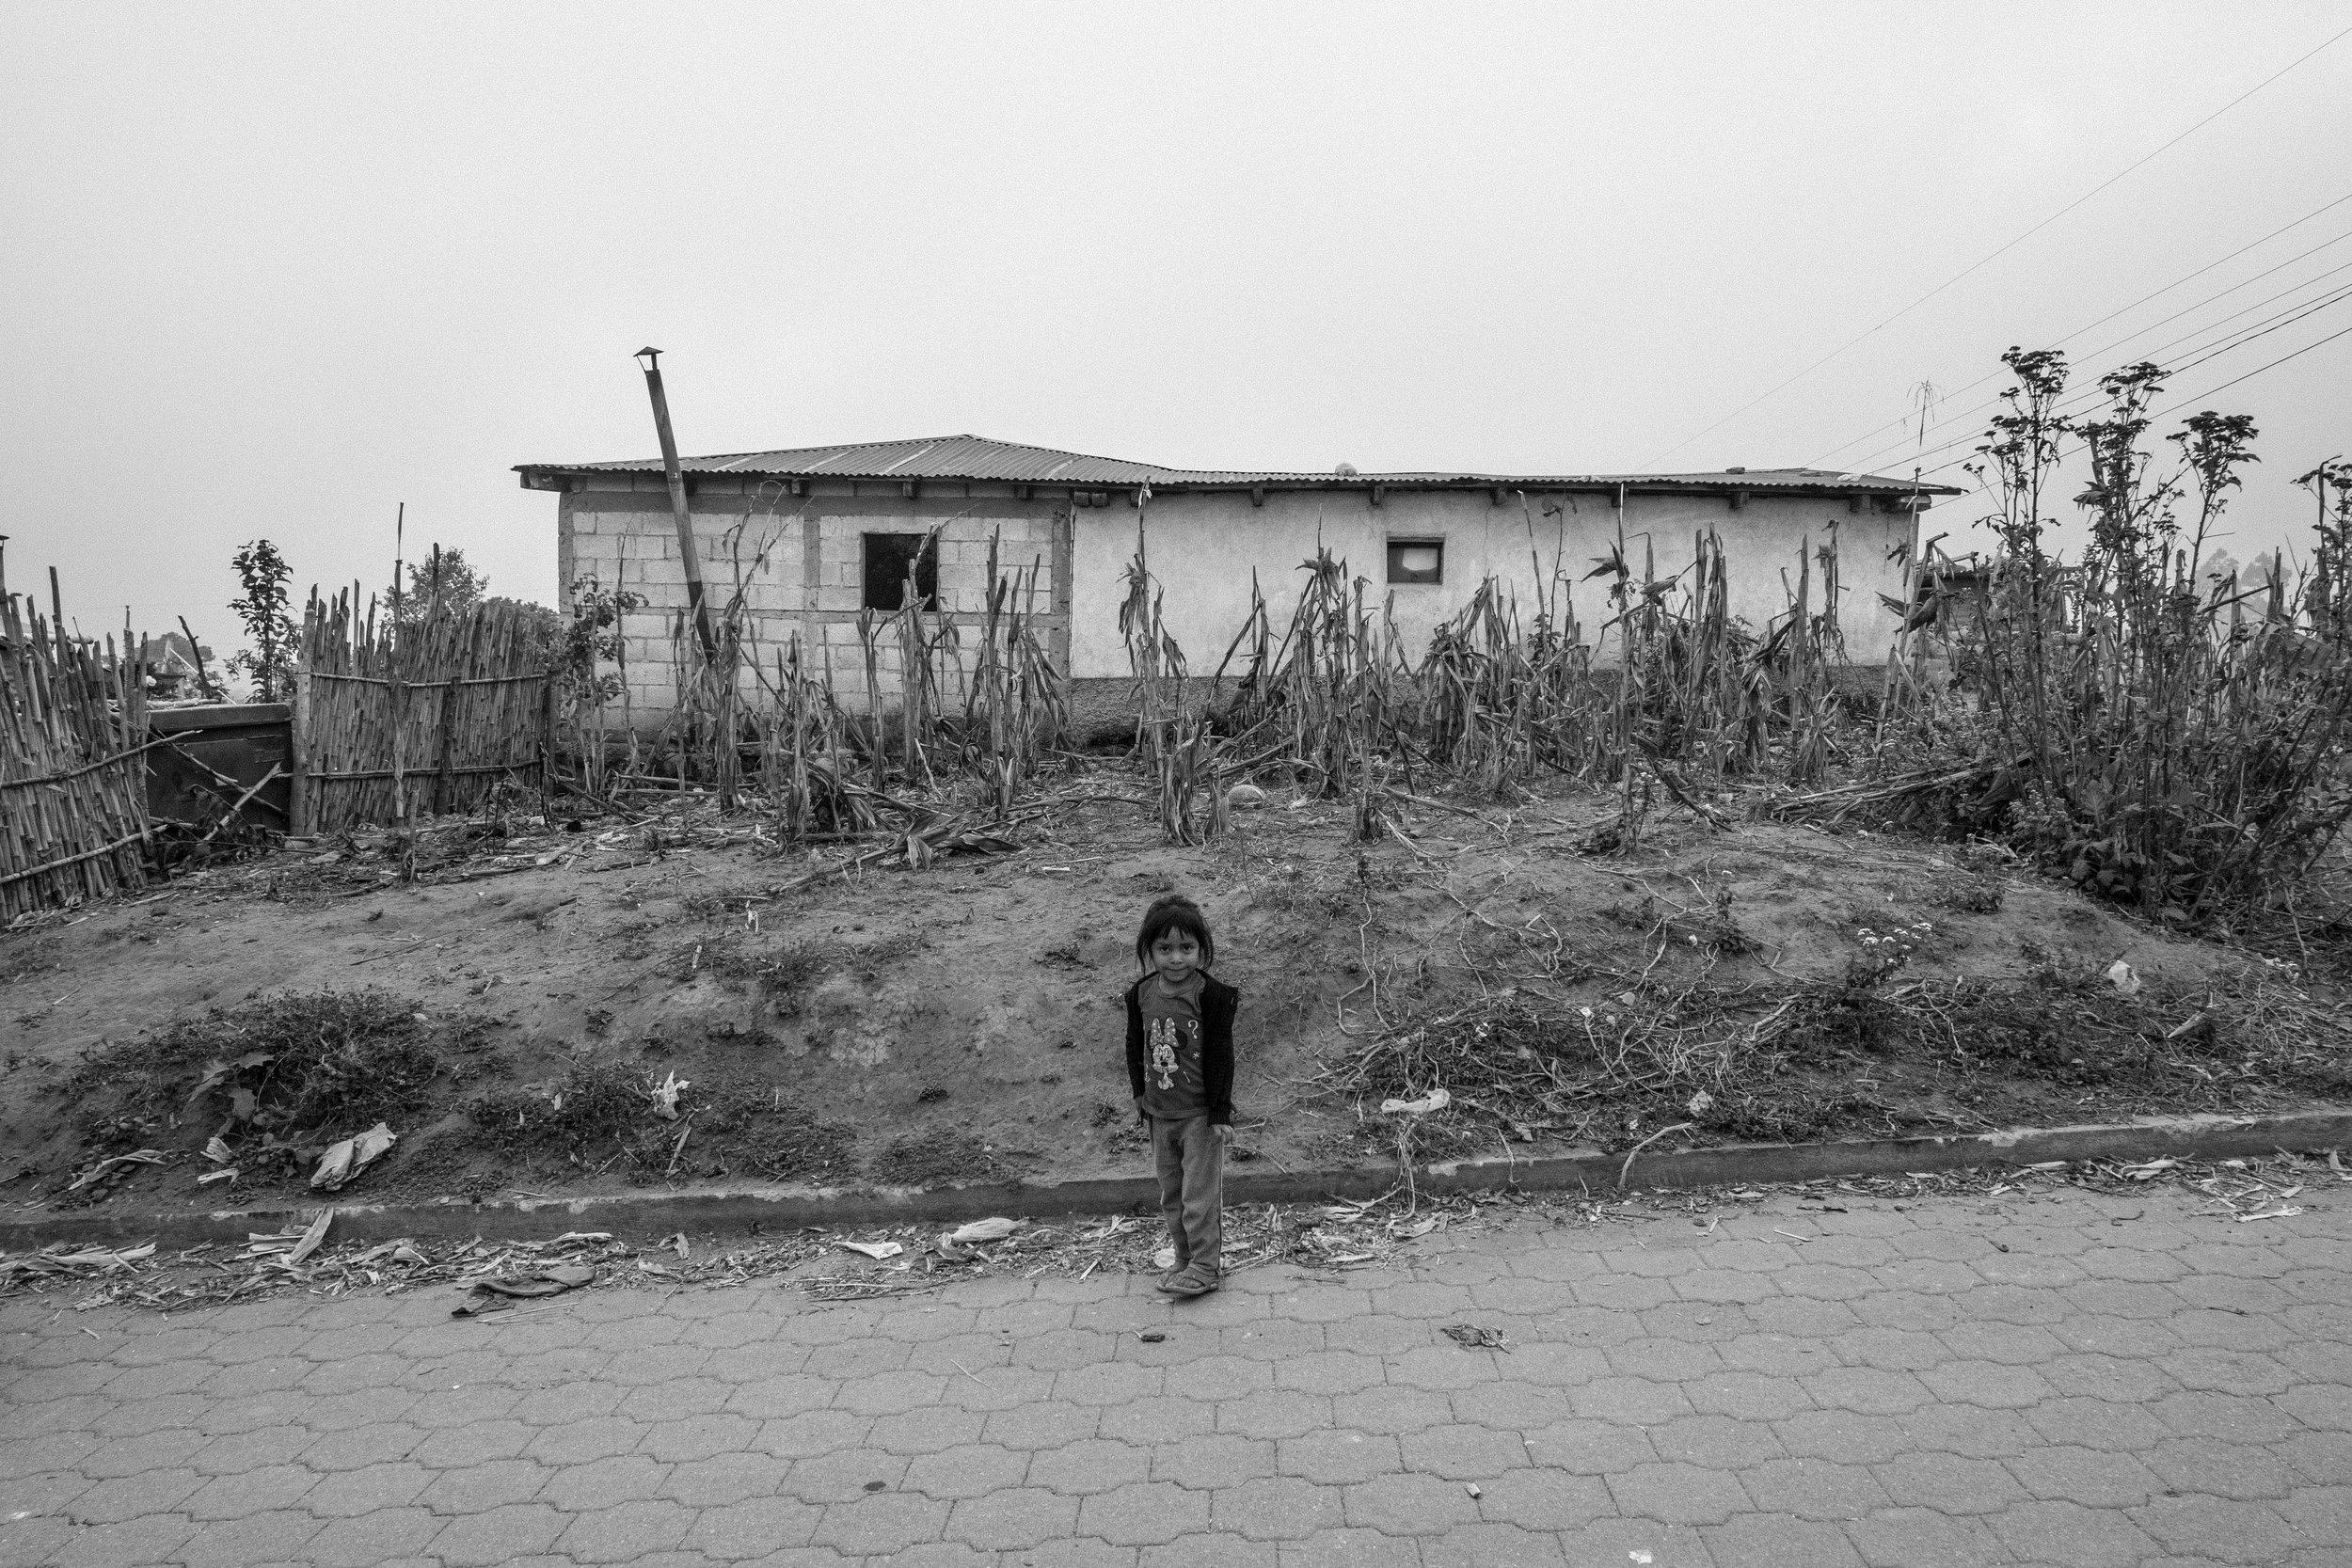 Choiguel, Guatemala